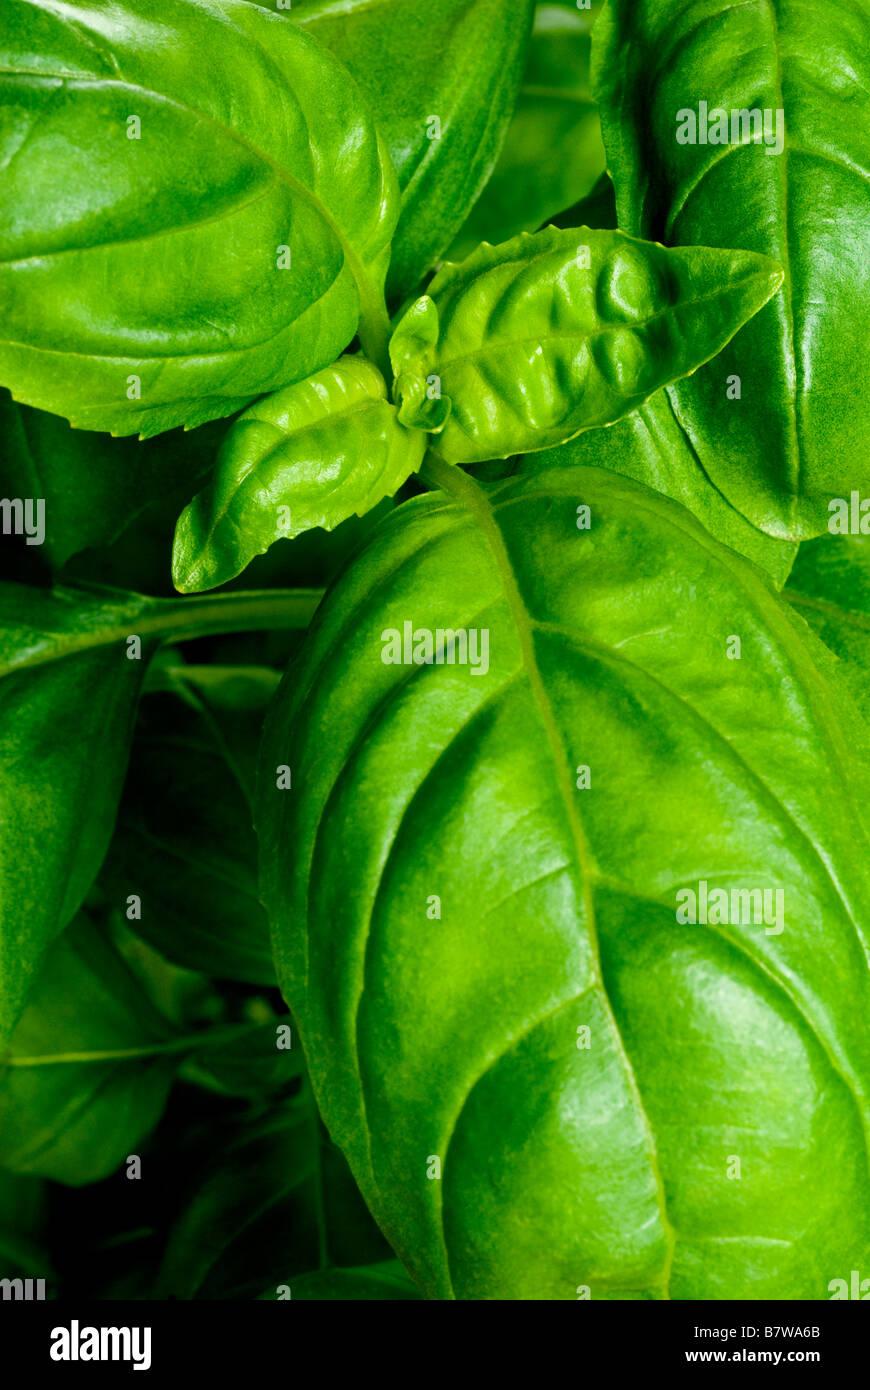 Hojas de albahaca fresca en el crecimiento de una planta en maceta real Foto de stock